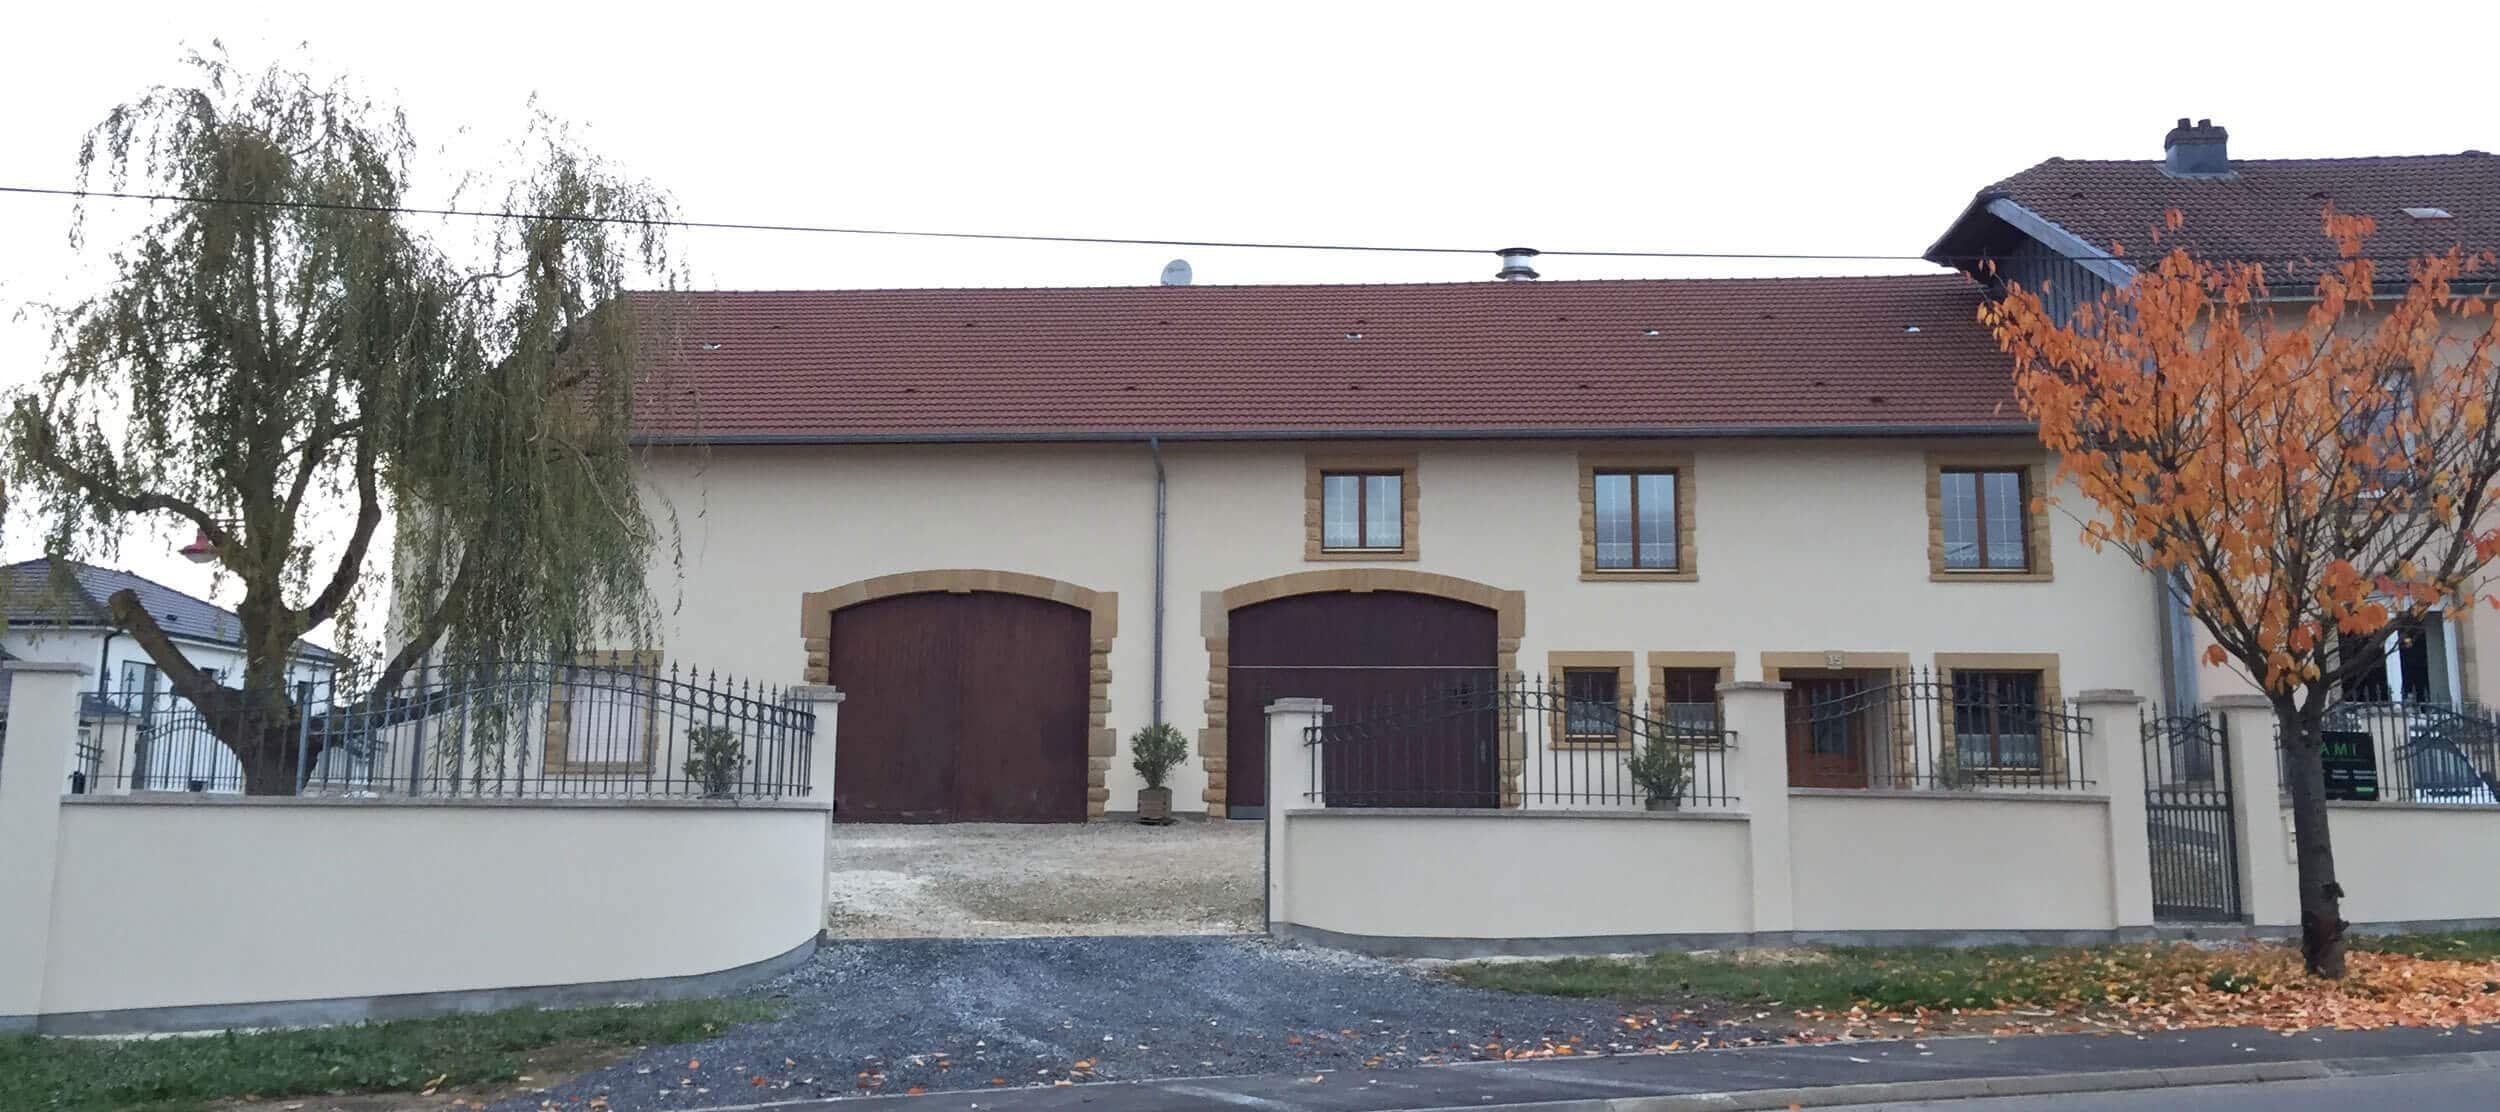 AMI Lorraine - Spécialiste du Ravalement de façades et de l'isolation thermique extérieure en Lorraine